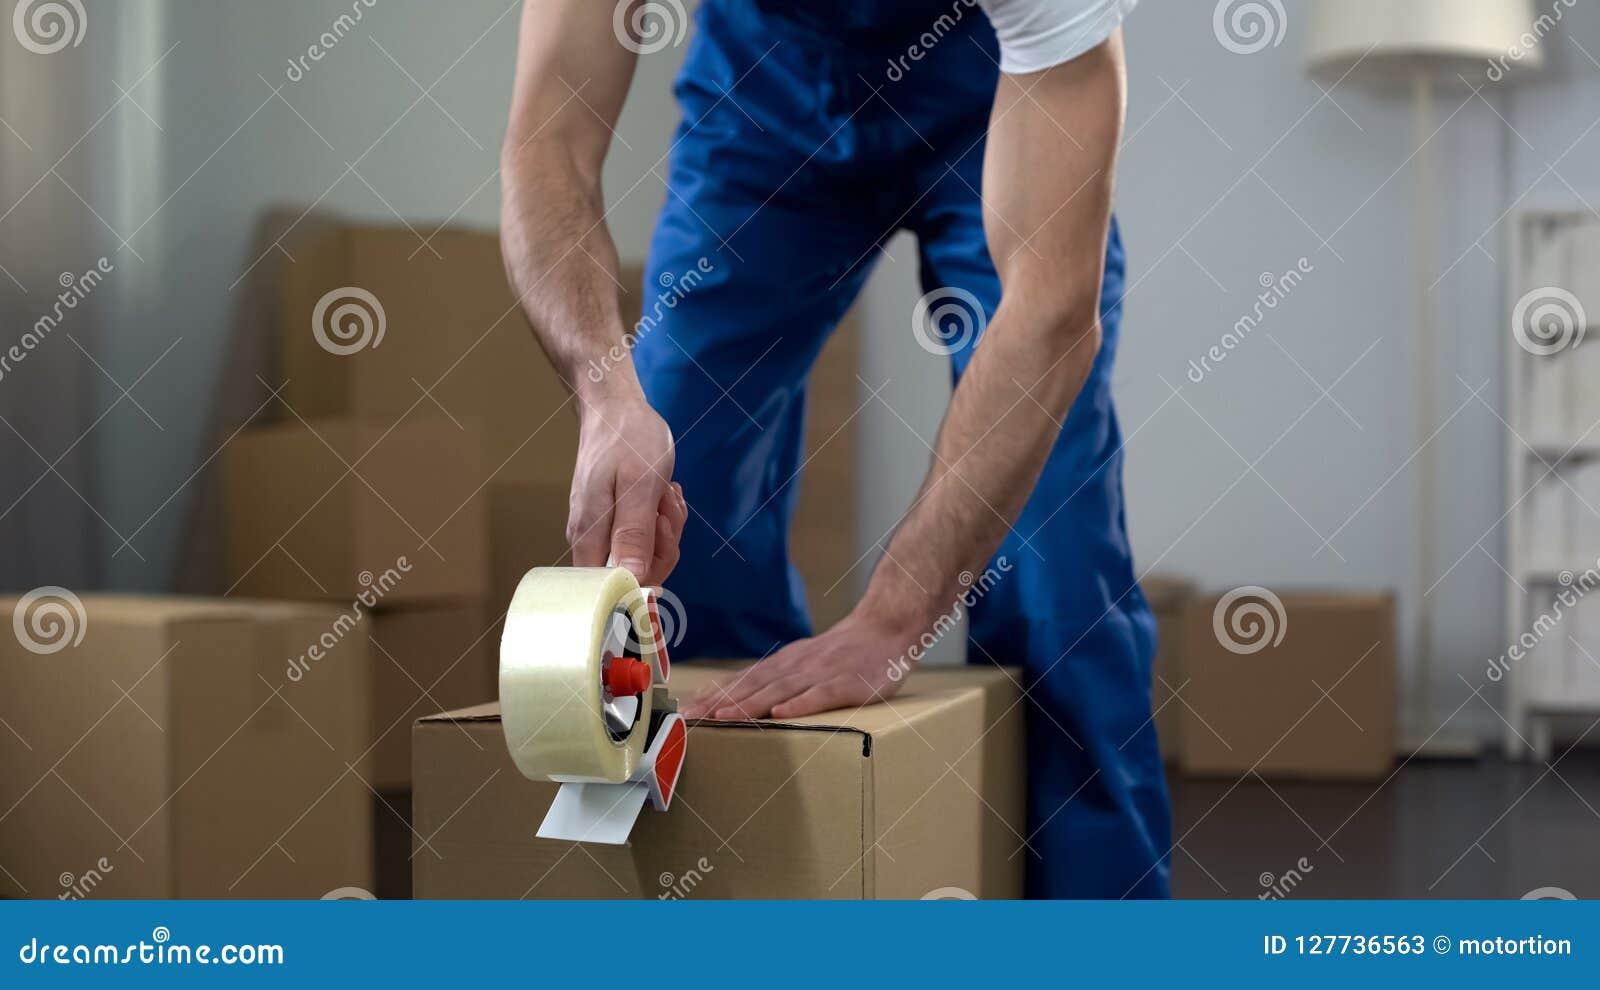 Κινούμενα κουτιά από χαρτόνι συσκευασίας εργαζομένων επιχείρησης, υπηρεσίες ποιοτικής παράδοσης